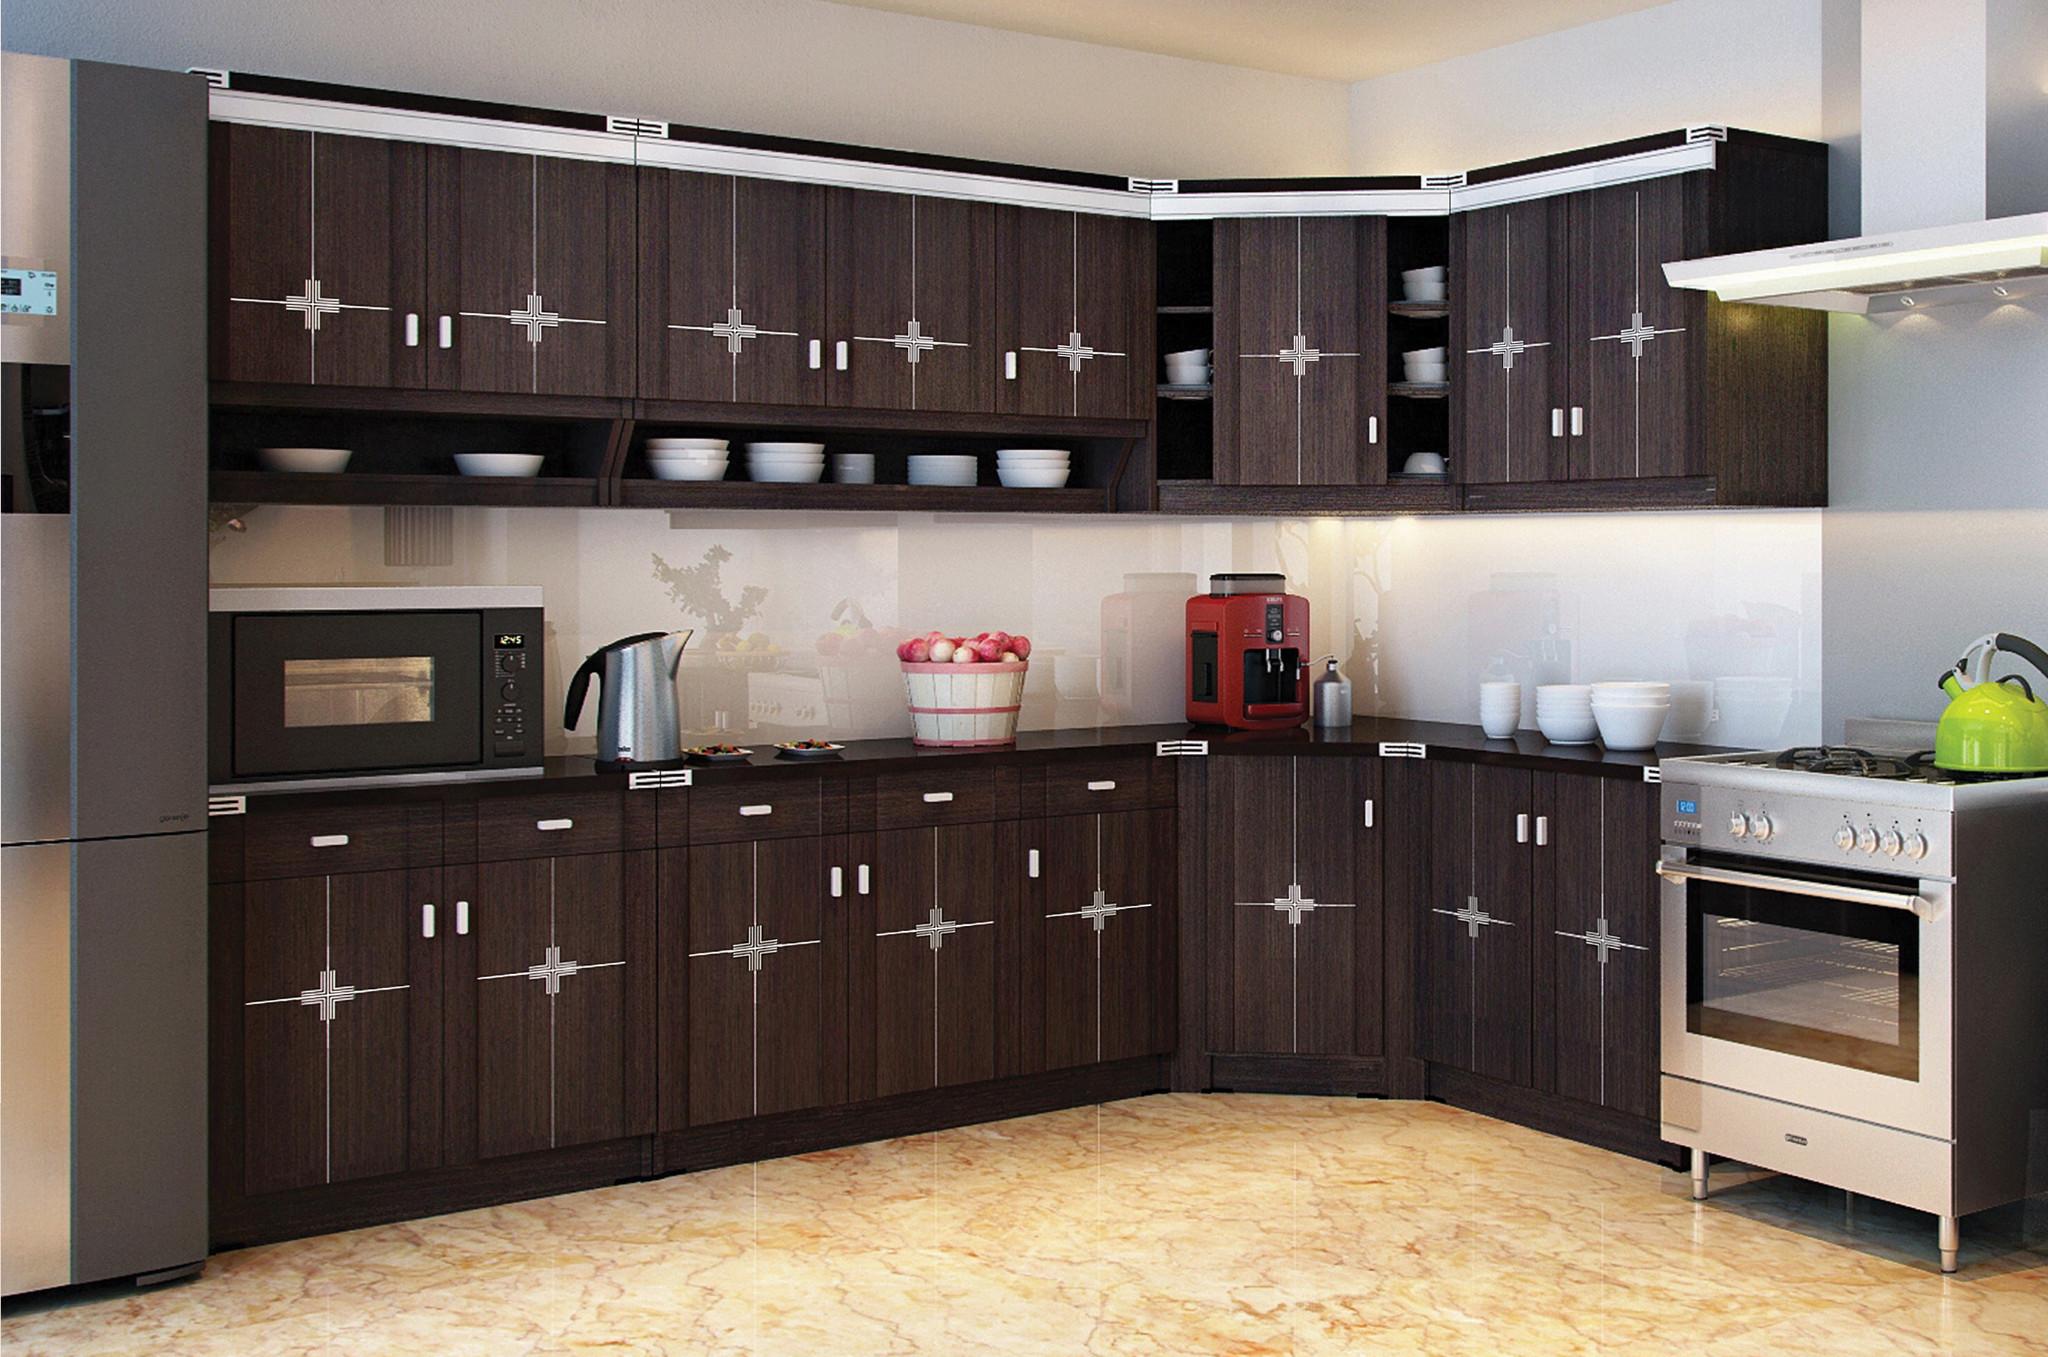 Harga kitchen set lemari dapur 3 meter di jakarta barat for Biaya kitchen set per meter